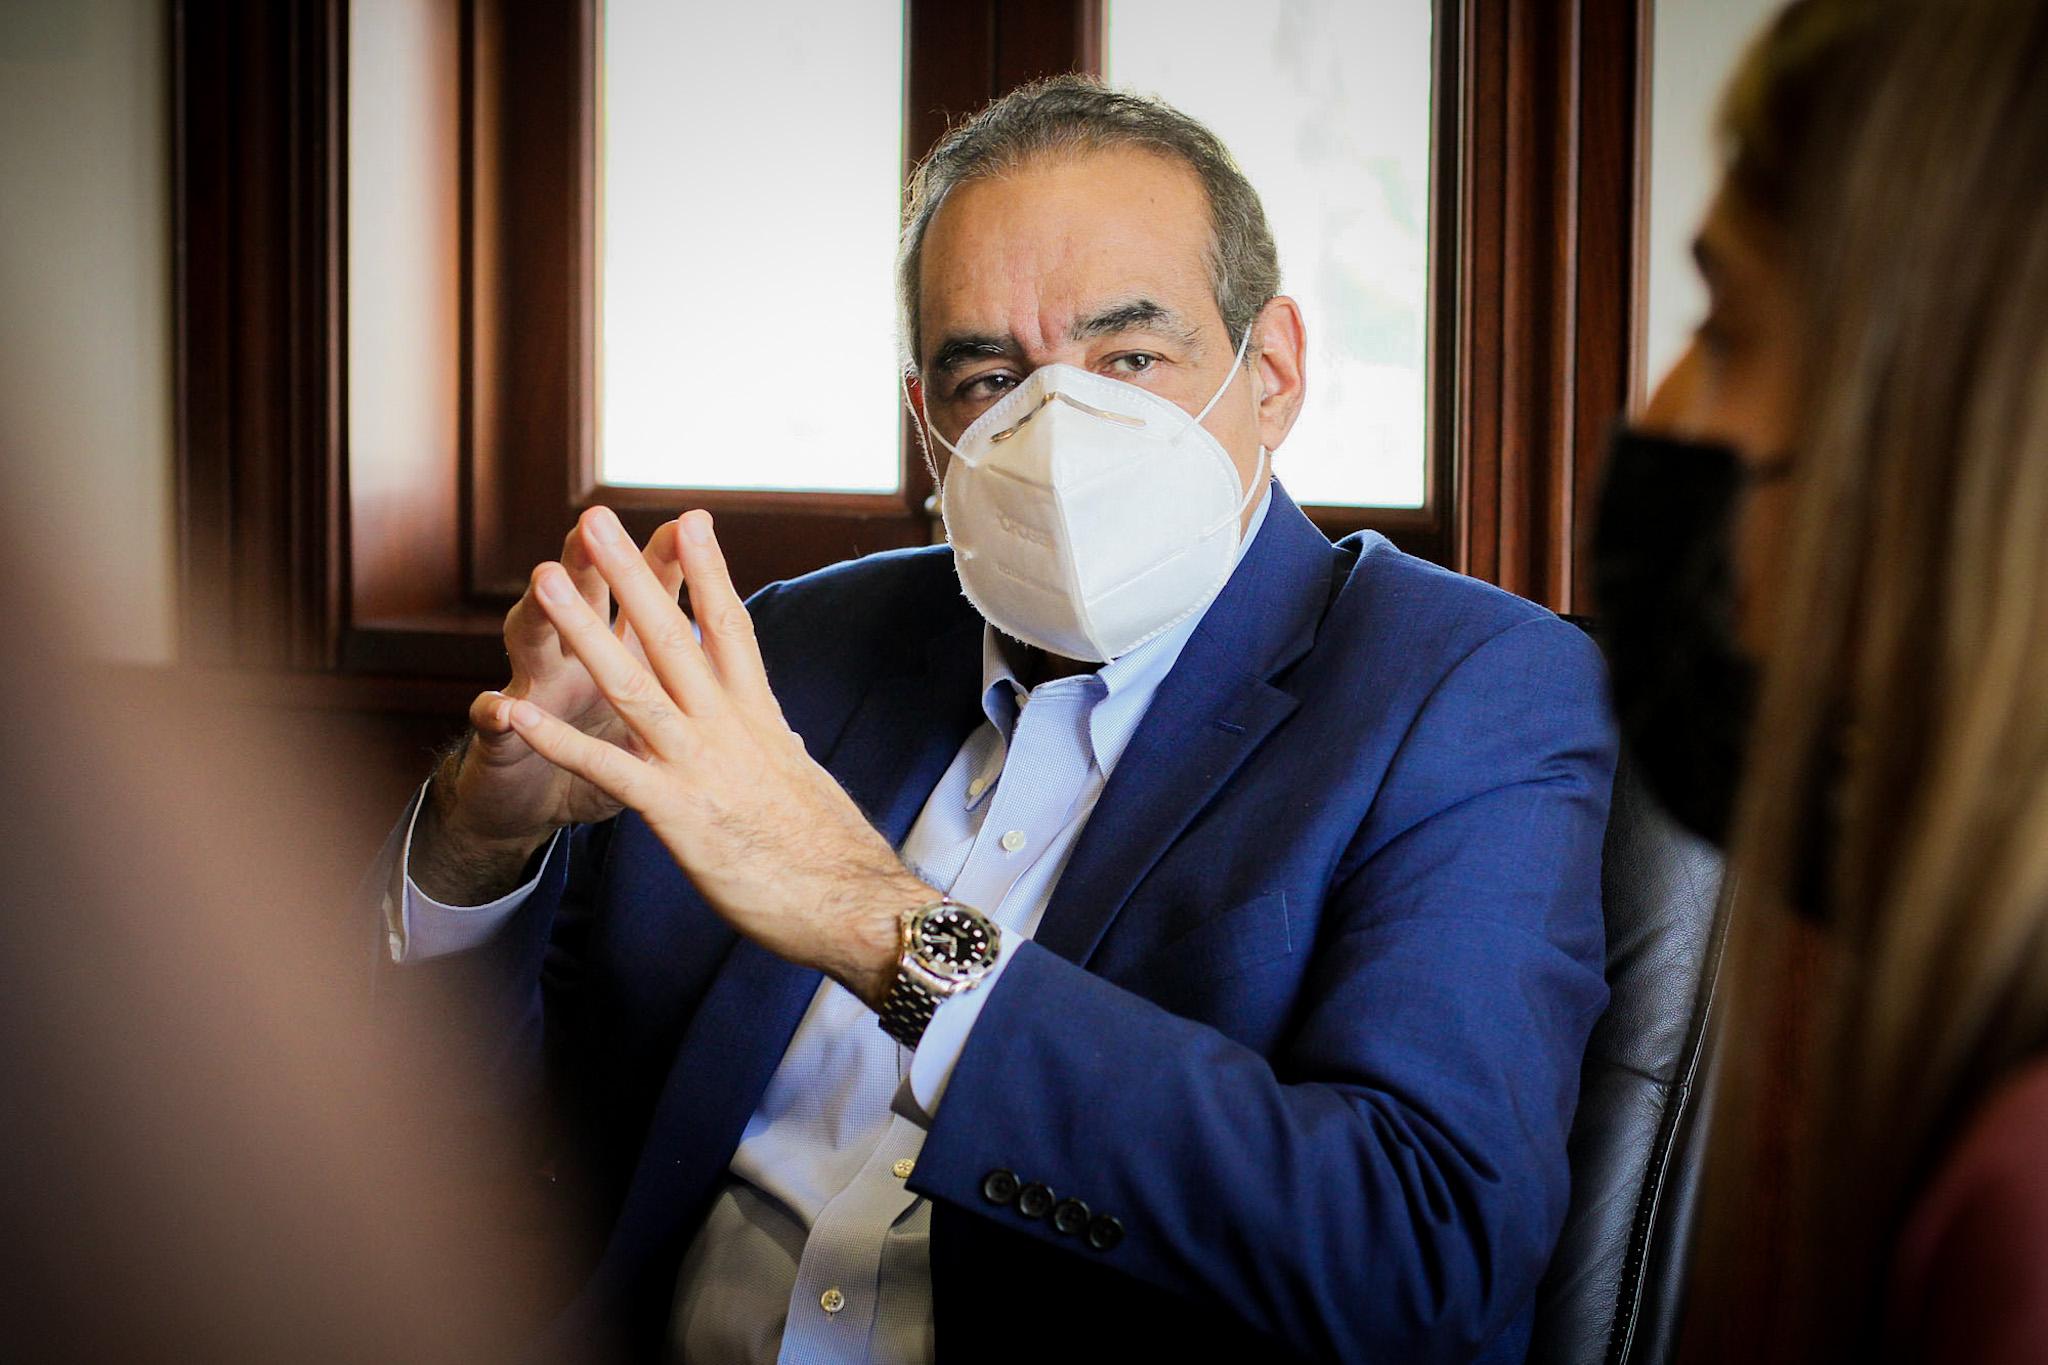 El doctor Julio A. Castaños Guzmán, durante el encuentro realizado en su despacho.